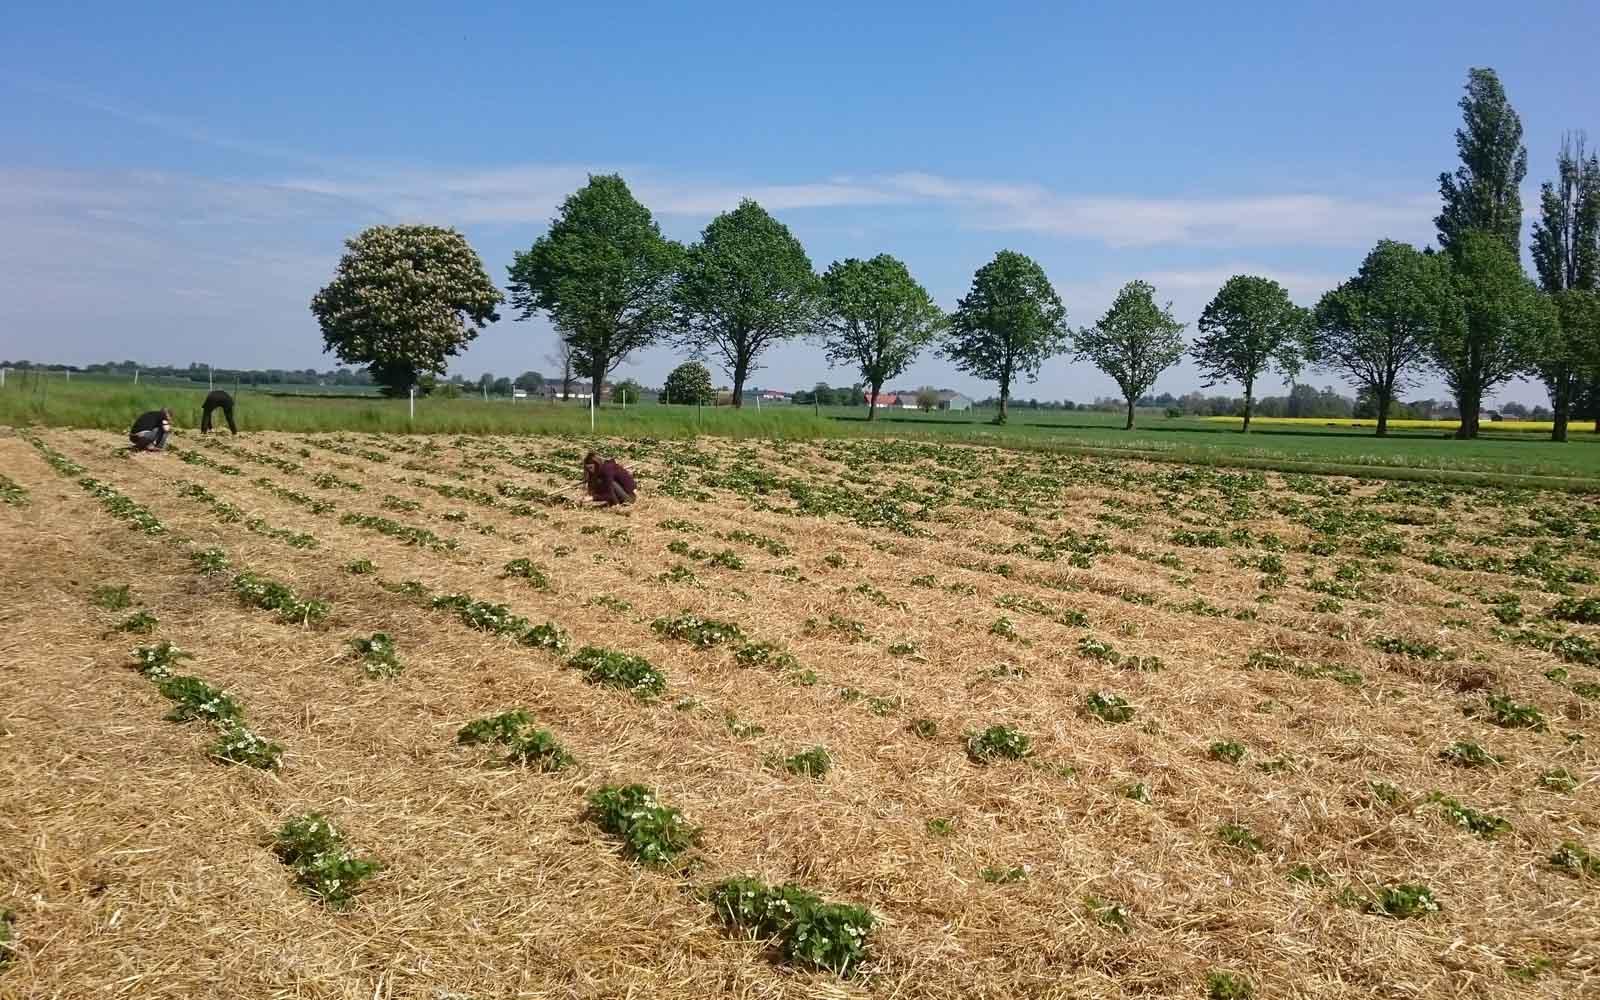 Vi lägger halm mellan jordgubbsraderna